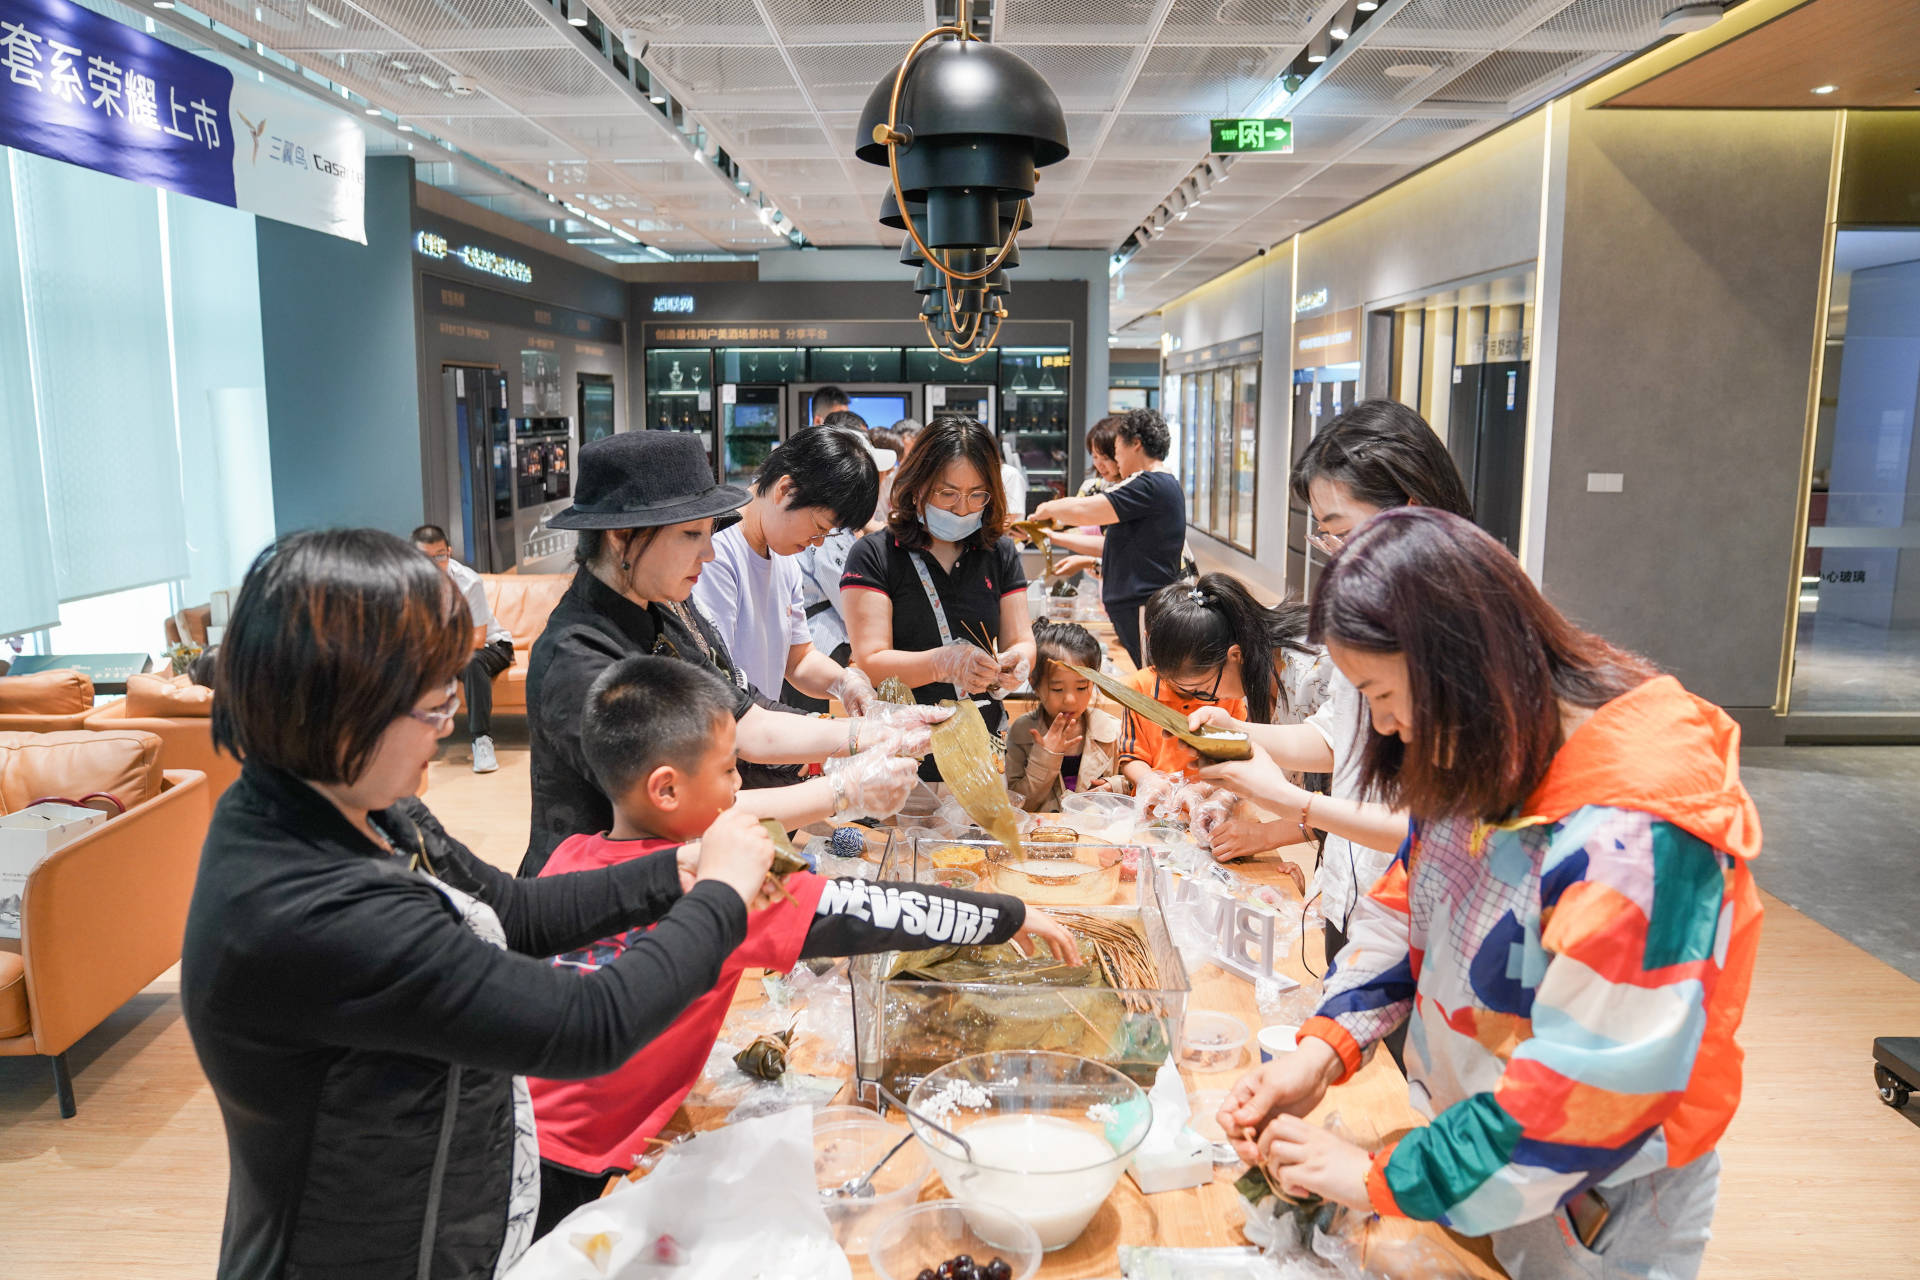 北京、上海、青岛三地用户端午在三翼鸟体验中心001包粽子